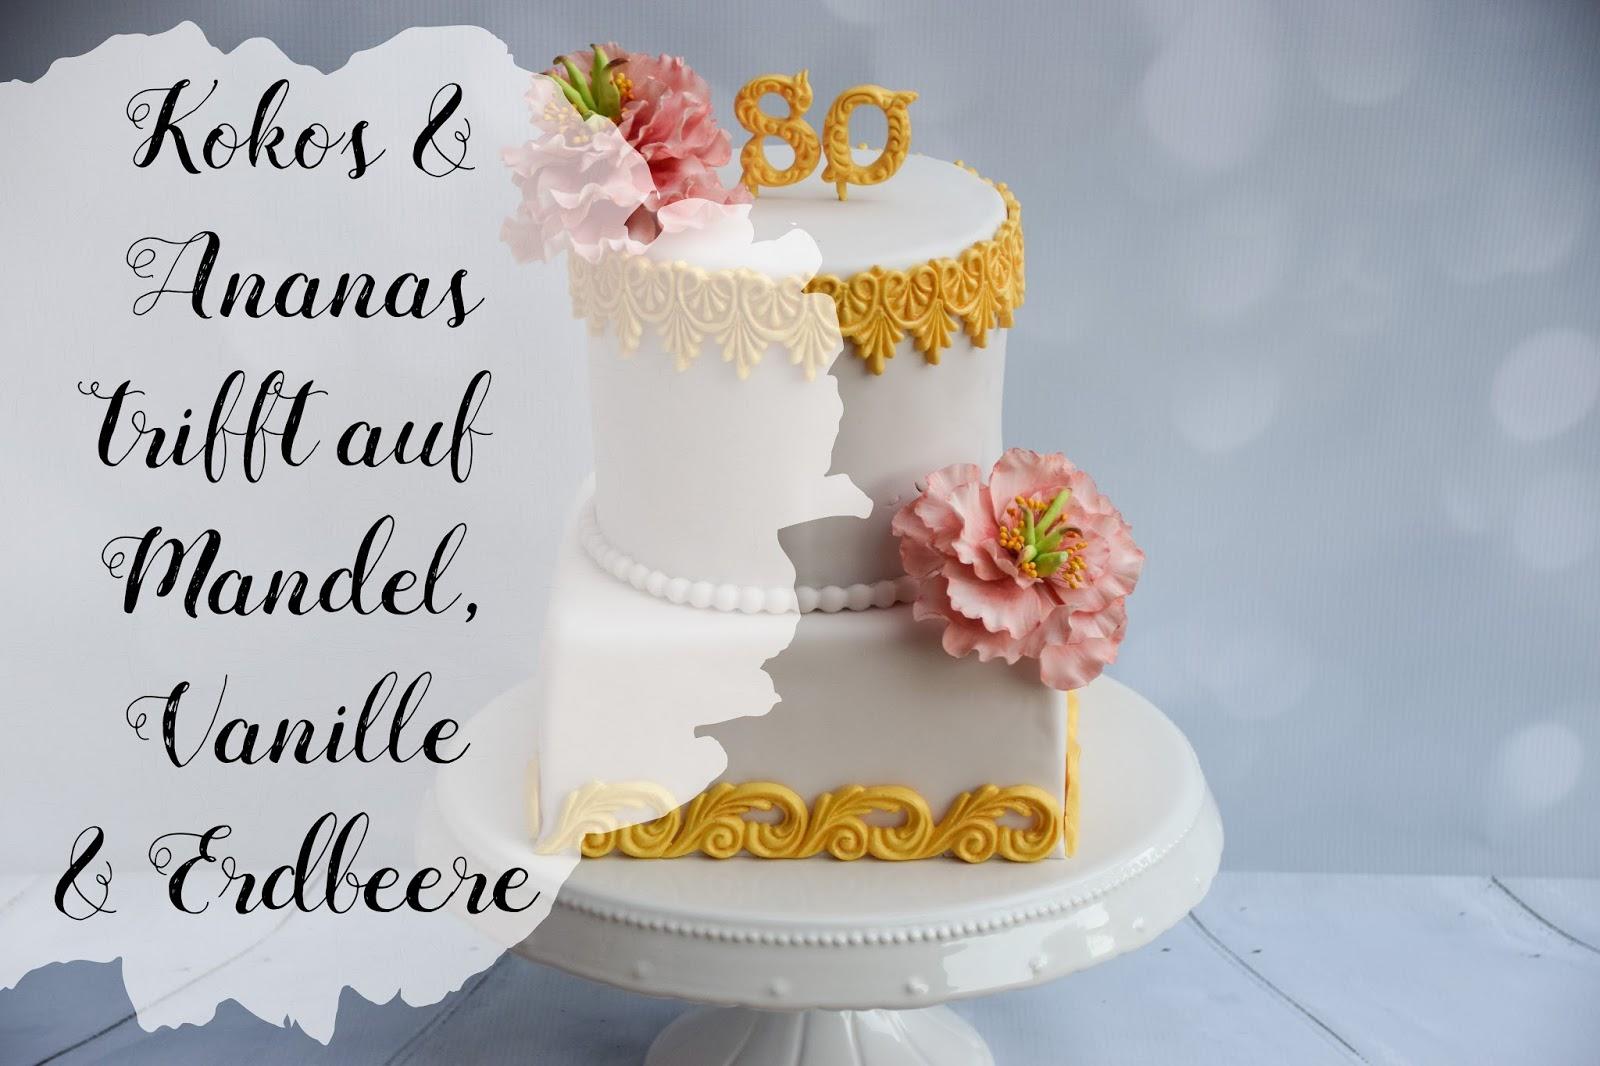 Kokos Ananas Trifft Auf Mandel Vanille Erdbeere Marions Red Velvet Nougat Cake 15cm Zum 80ten Geburtstag Meiner Lieben Schwiegermutter Habe Ich Sie Natrlich Mit Einem Kleinen Feinen Trtchen Berrascht Finde Zu So Ehrenfest